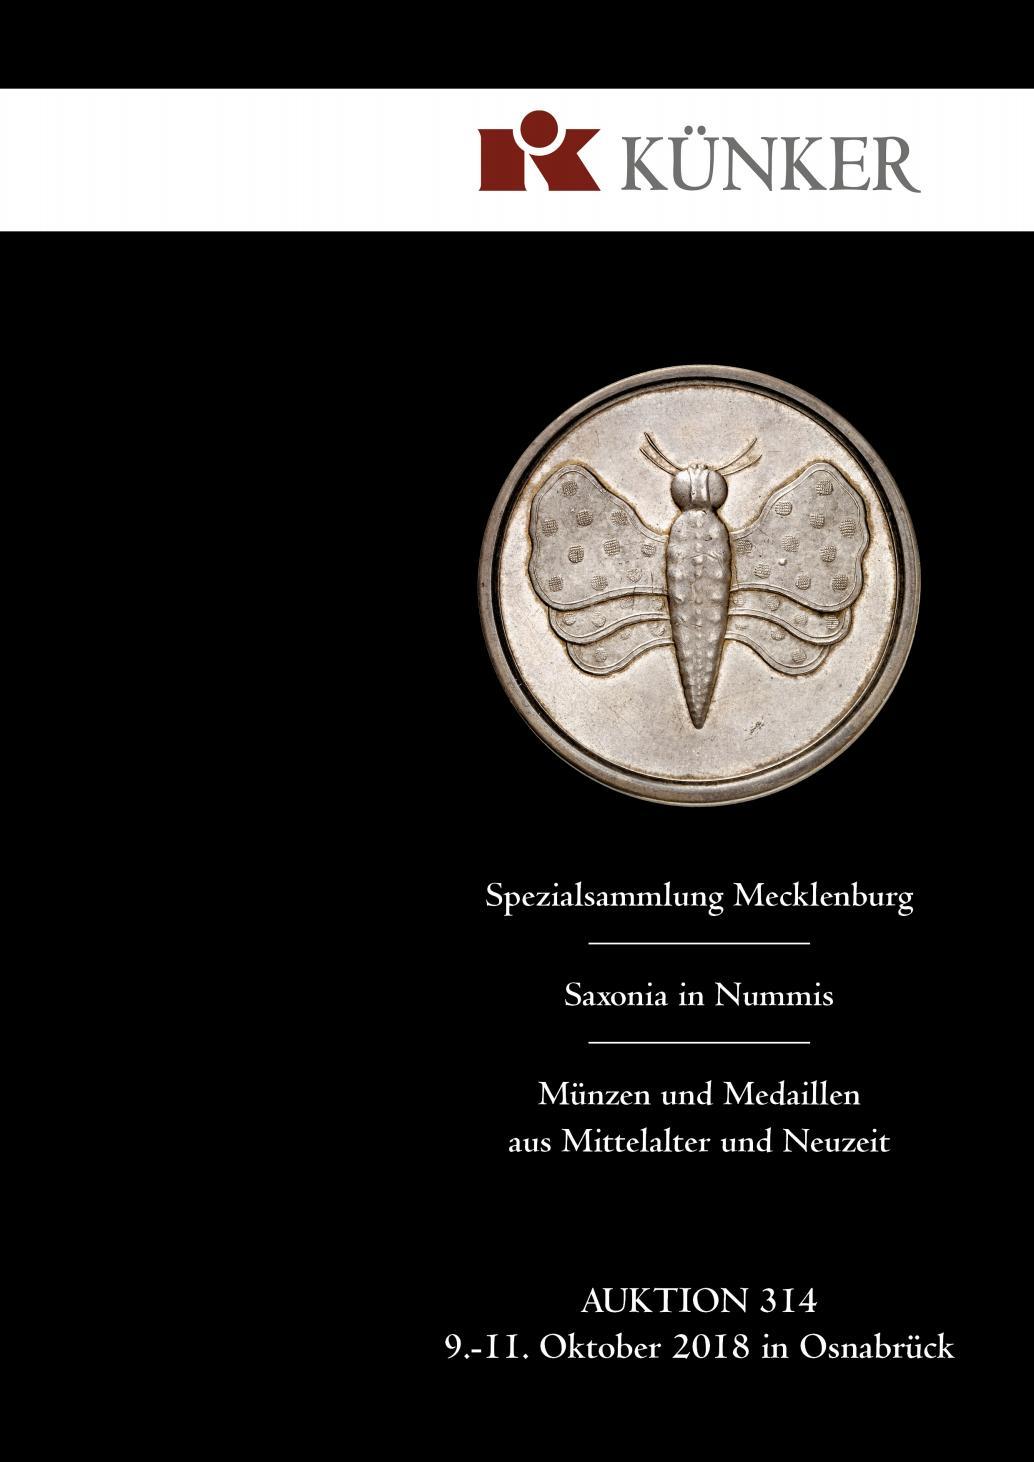 Künker Auktion 314, Teil 2 Münzen und Medaillen aus